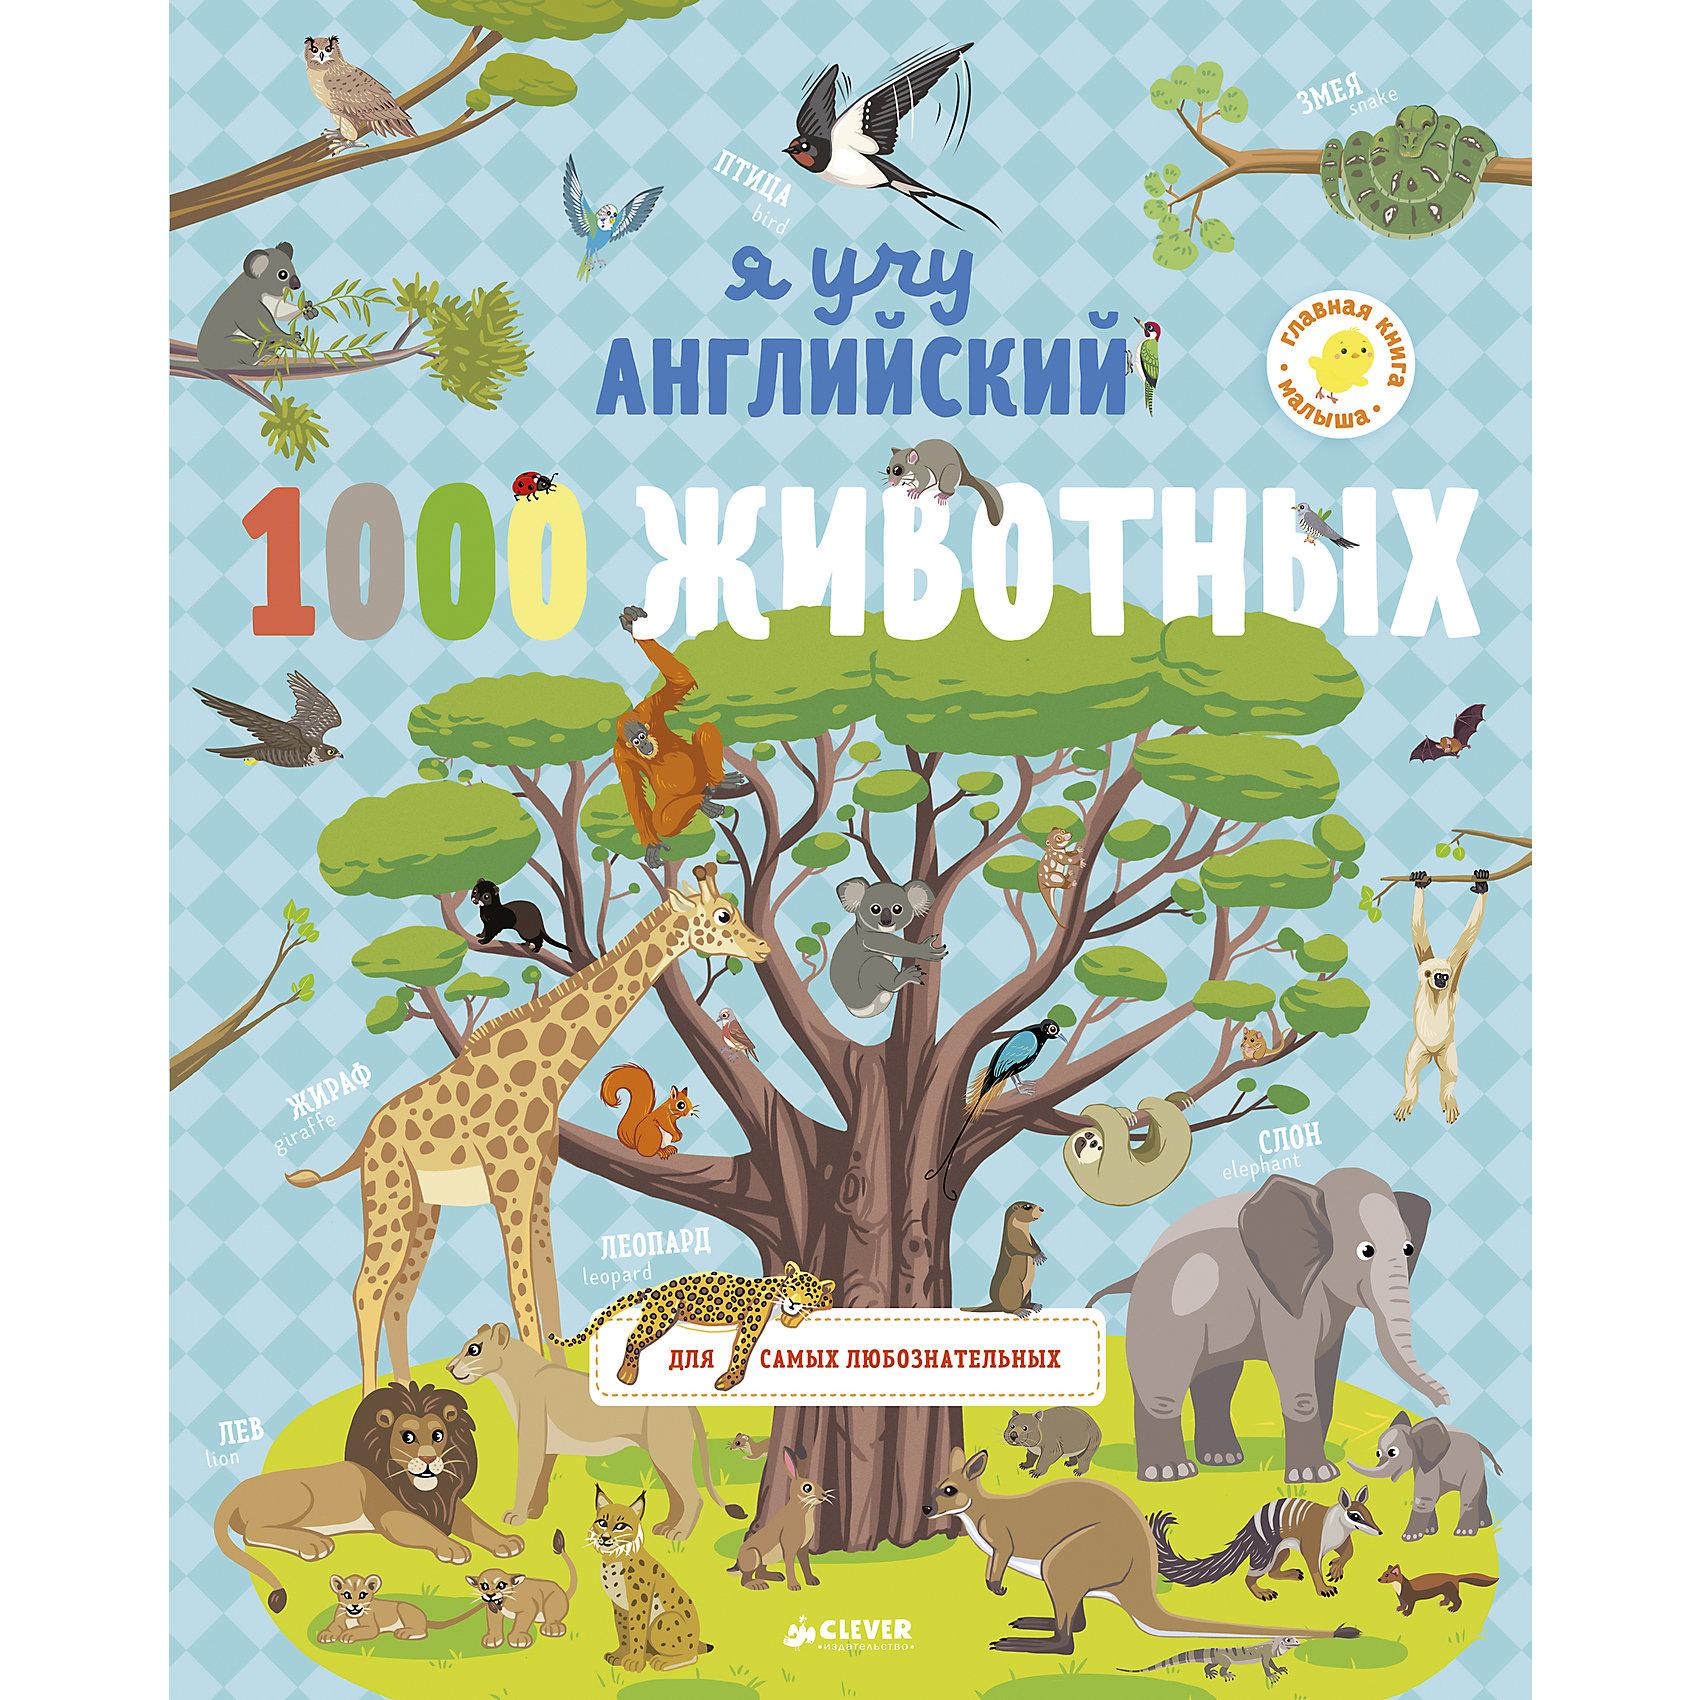 Я учу английский 1000 животных CleverИностранный язык<br>Дома, на улице, в небе, под водой и под землей нас окружает удивительный мир животных. Кто живет в лесу, в пустыне, в тропиках, а кто в глубинах океана и морей? Кто бодрствует всю ночь, а кто просыпается вместе с солнцем? Как обустраивают дома, кто чем питается, как выглядит потомство? С этой книгой вы узнаете много нового и интересного, а еще выучите, как все эти животные называются на английском языке! Рассматривайте картинки и запоминайте разных животных - от уже знакомых до совершенно экзотических!<br><br>Ширина мм: 310<br>Глубина мм: 245<br>Высота мм: 5<br>Вес г: 735<br>Возраст от месяцев: 48<br>Возраст до месяцев: 72<br>Пол: Унисекс<br>Возраст: Детский<br>SKU: 7065170